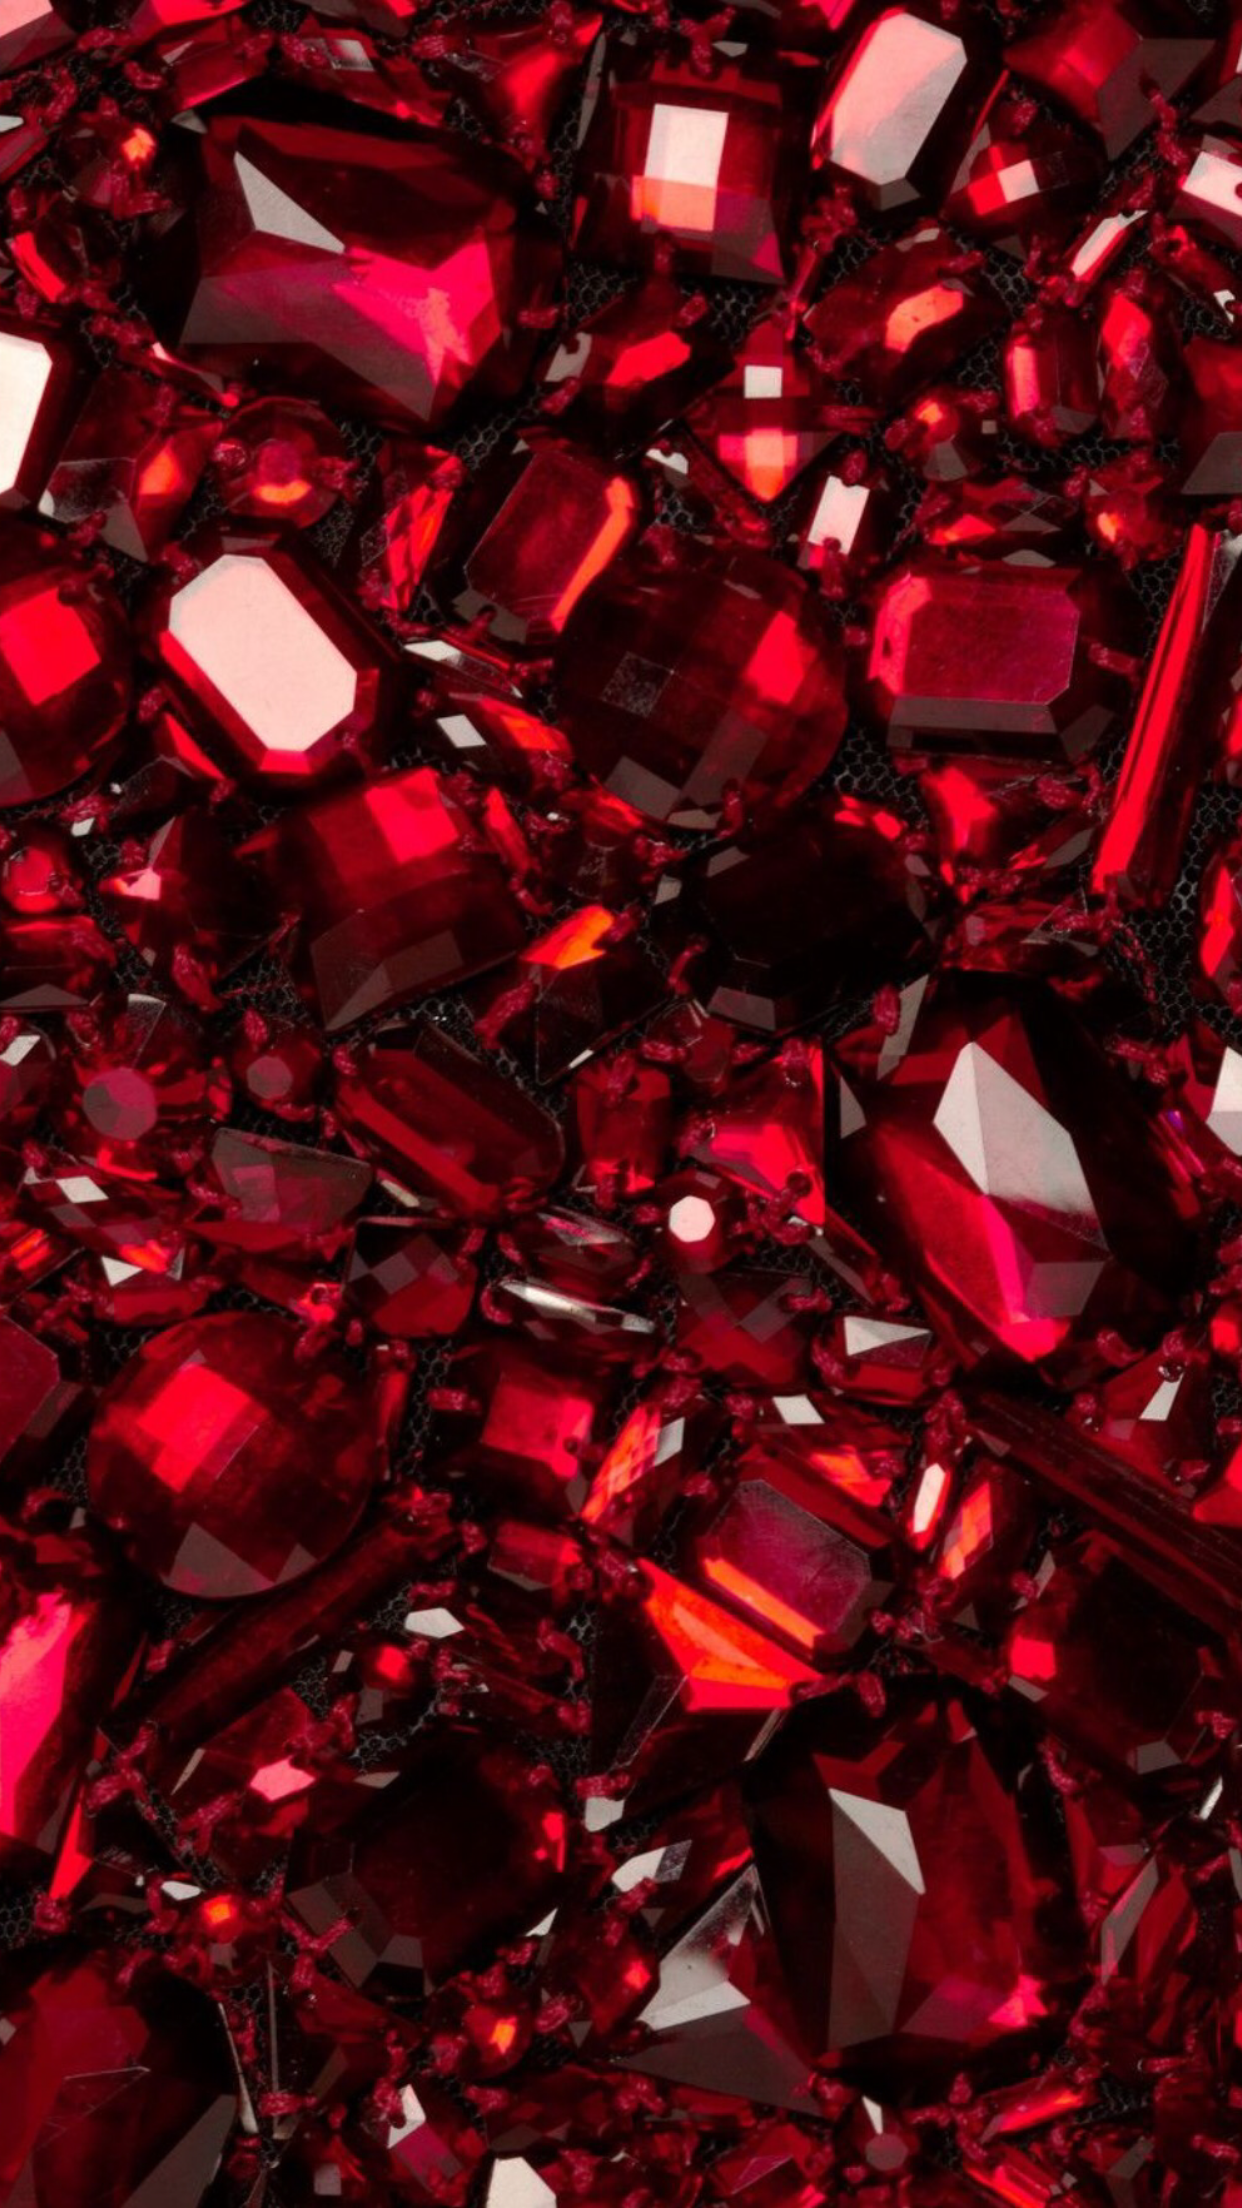 L Dark Red Ruby Gemstone Crystal Jewel